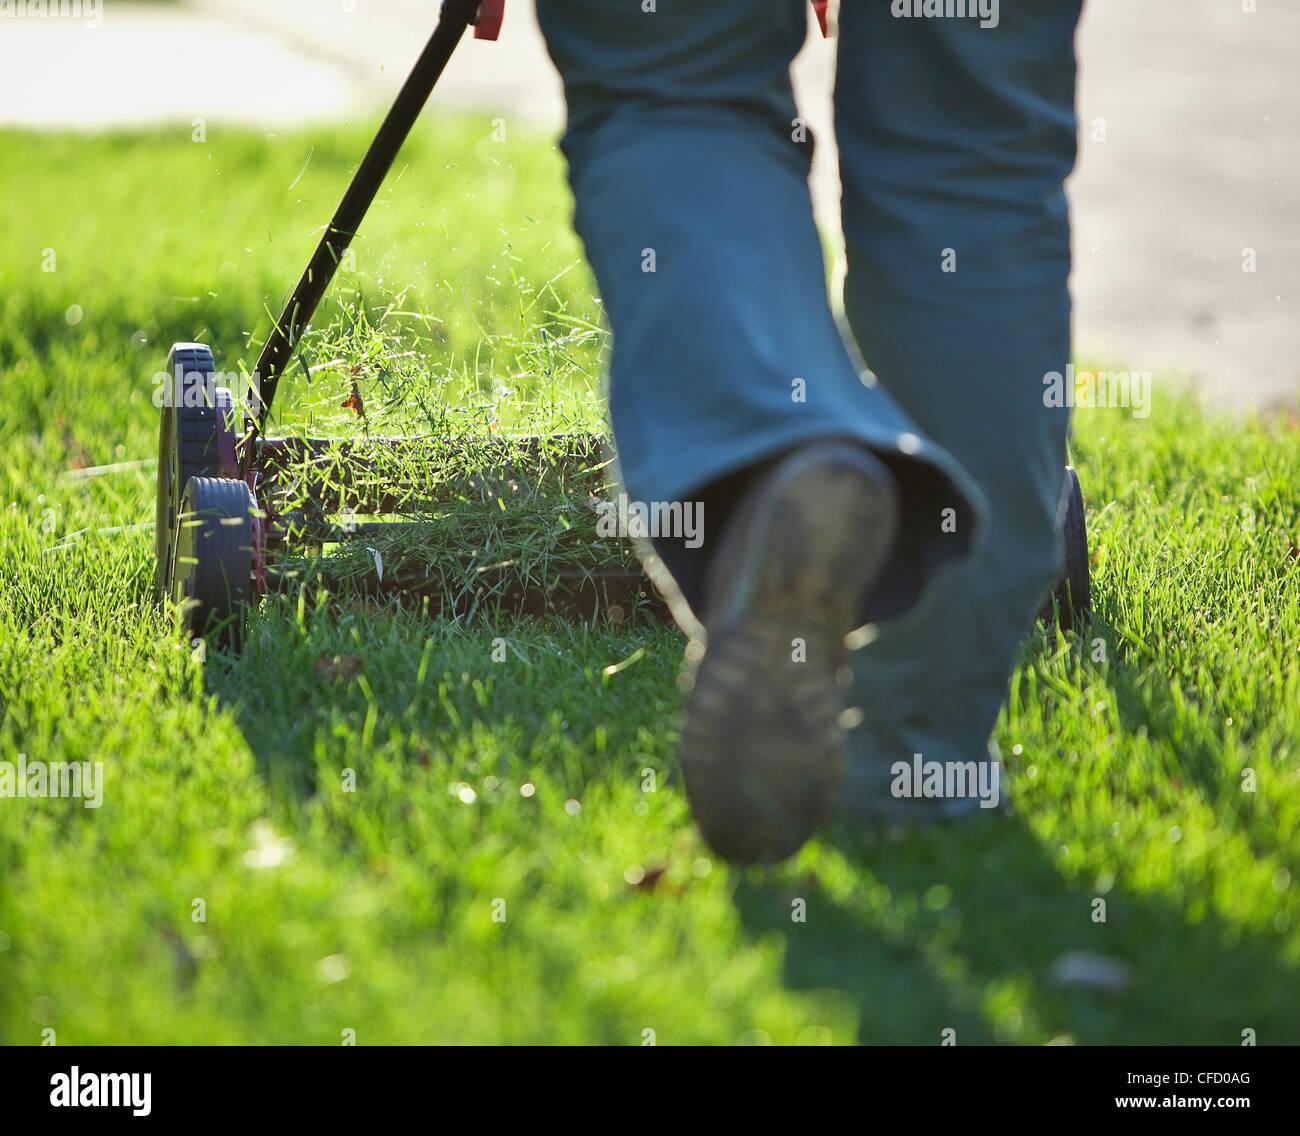 Donna taglio erba con rispettosa dell'ambiente tosaerba. Winnipeg, Manitoba, Canada. Immagini Stock